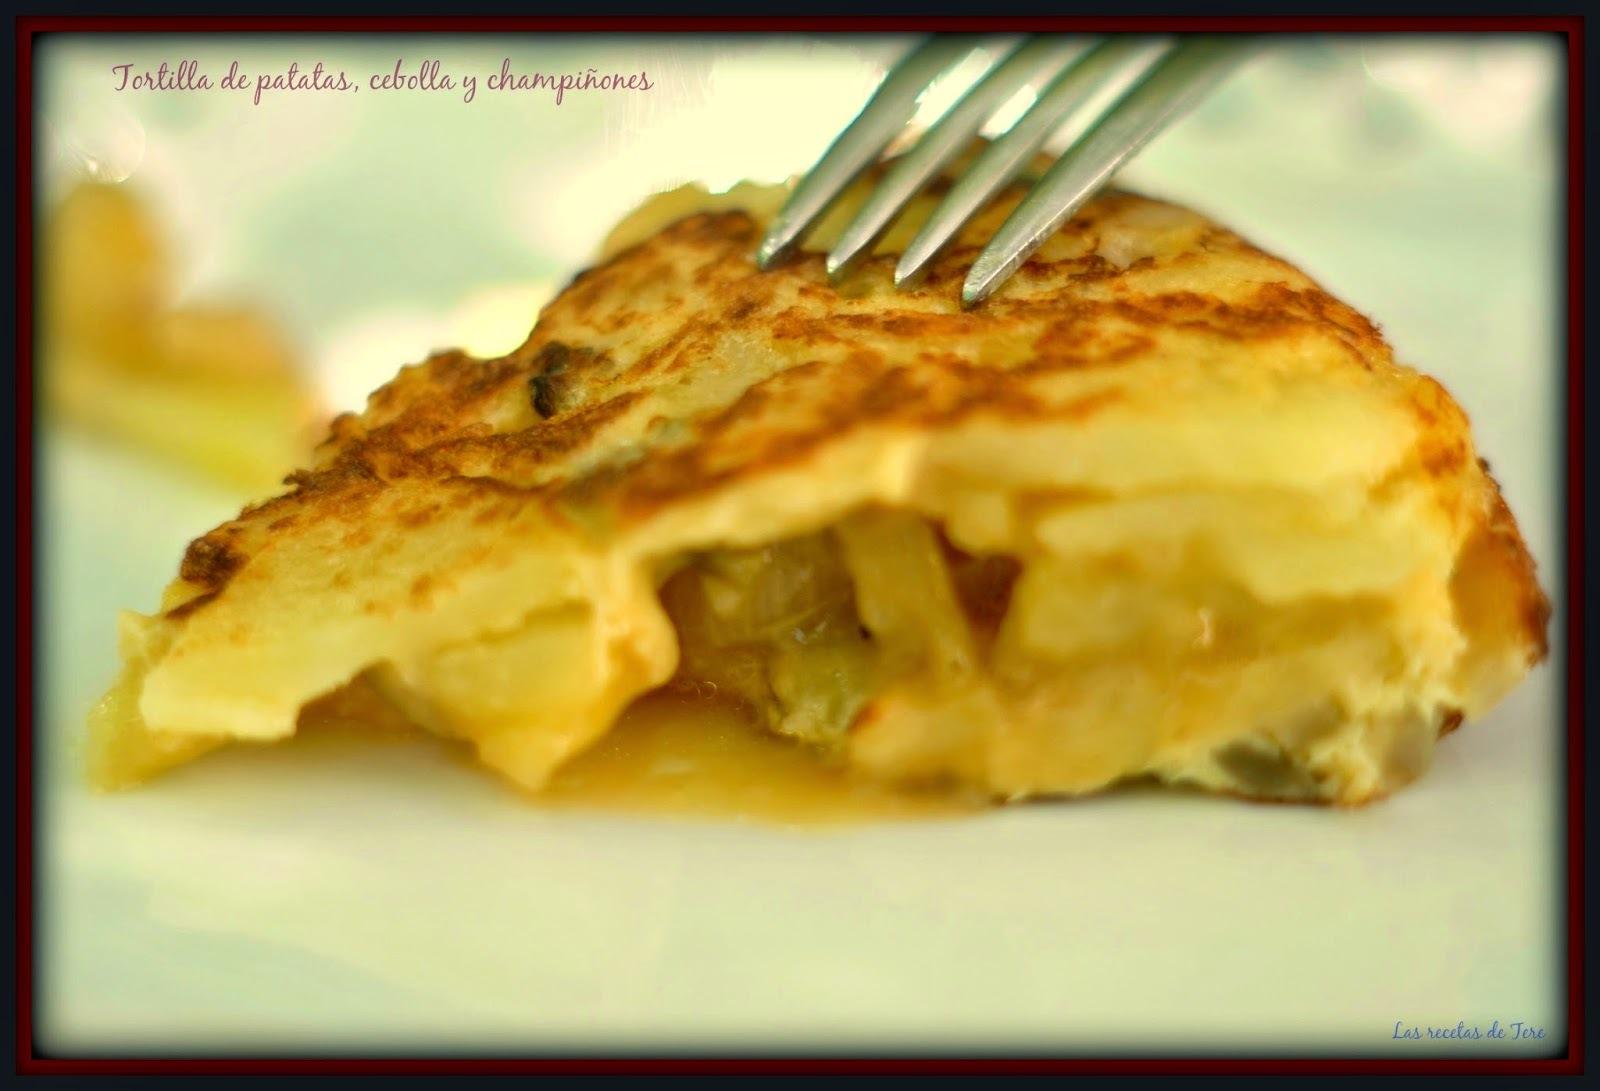 Tortilla de patatas, cebolla y champiñones.